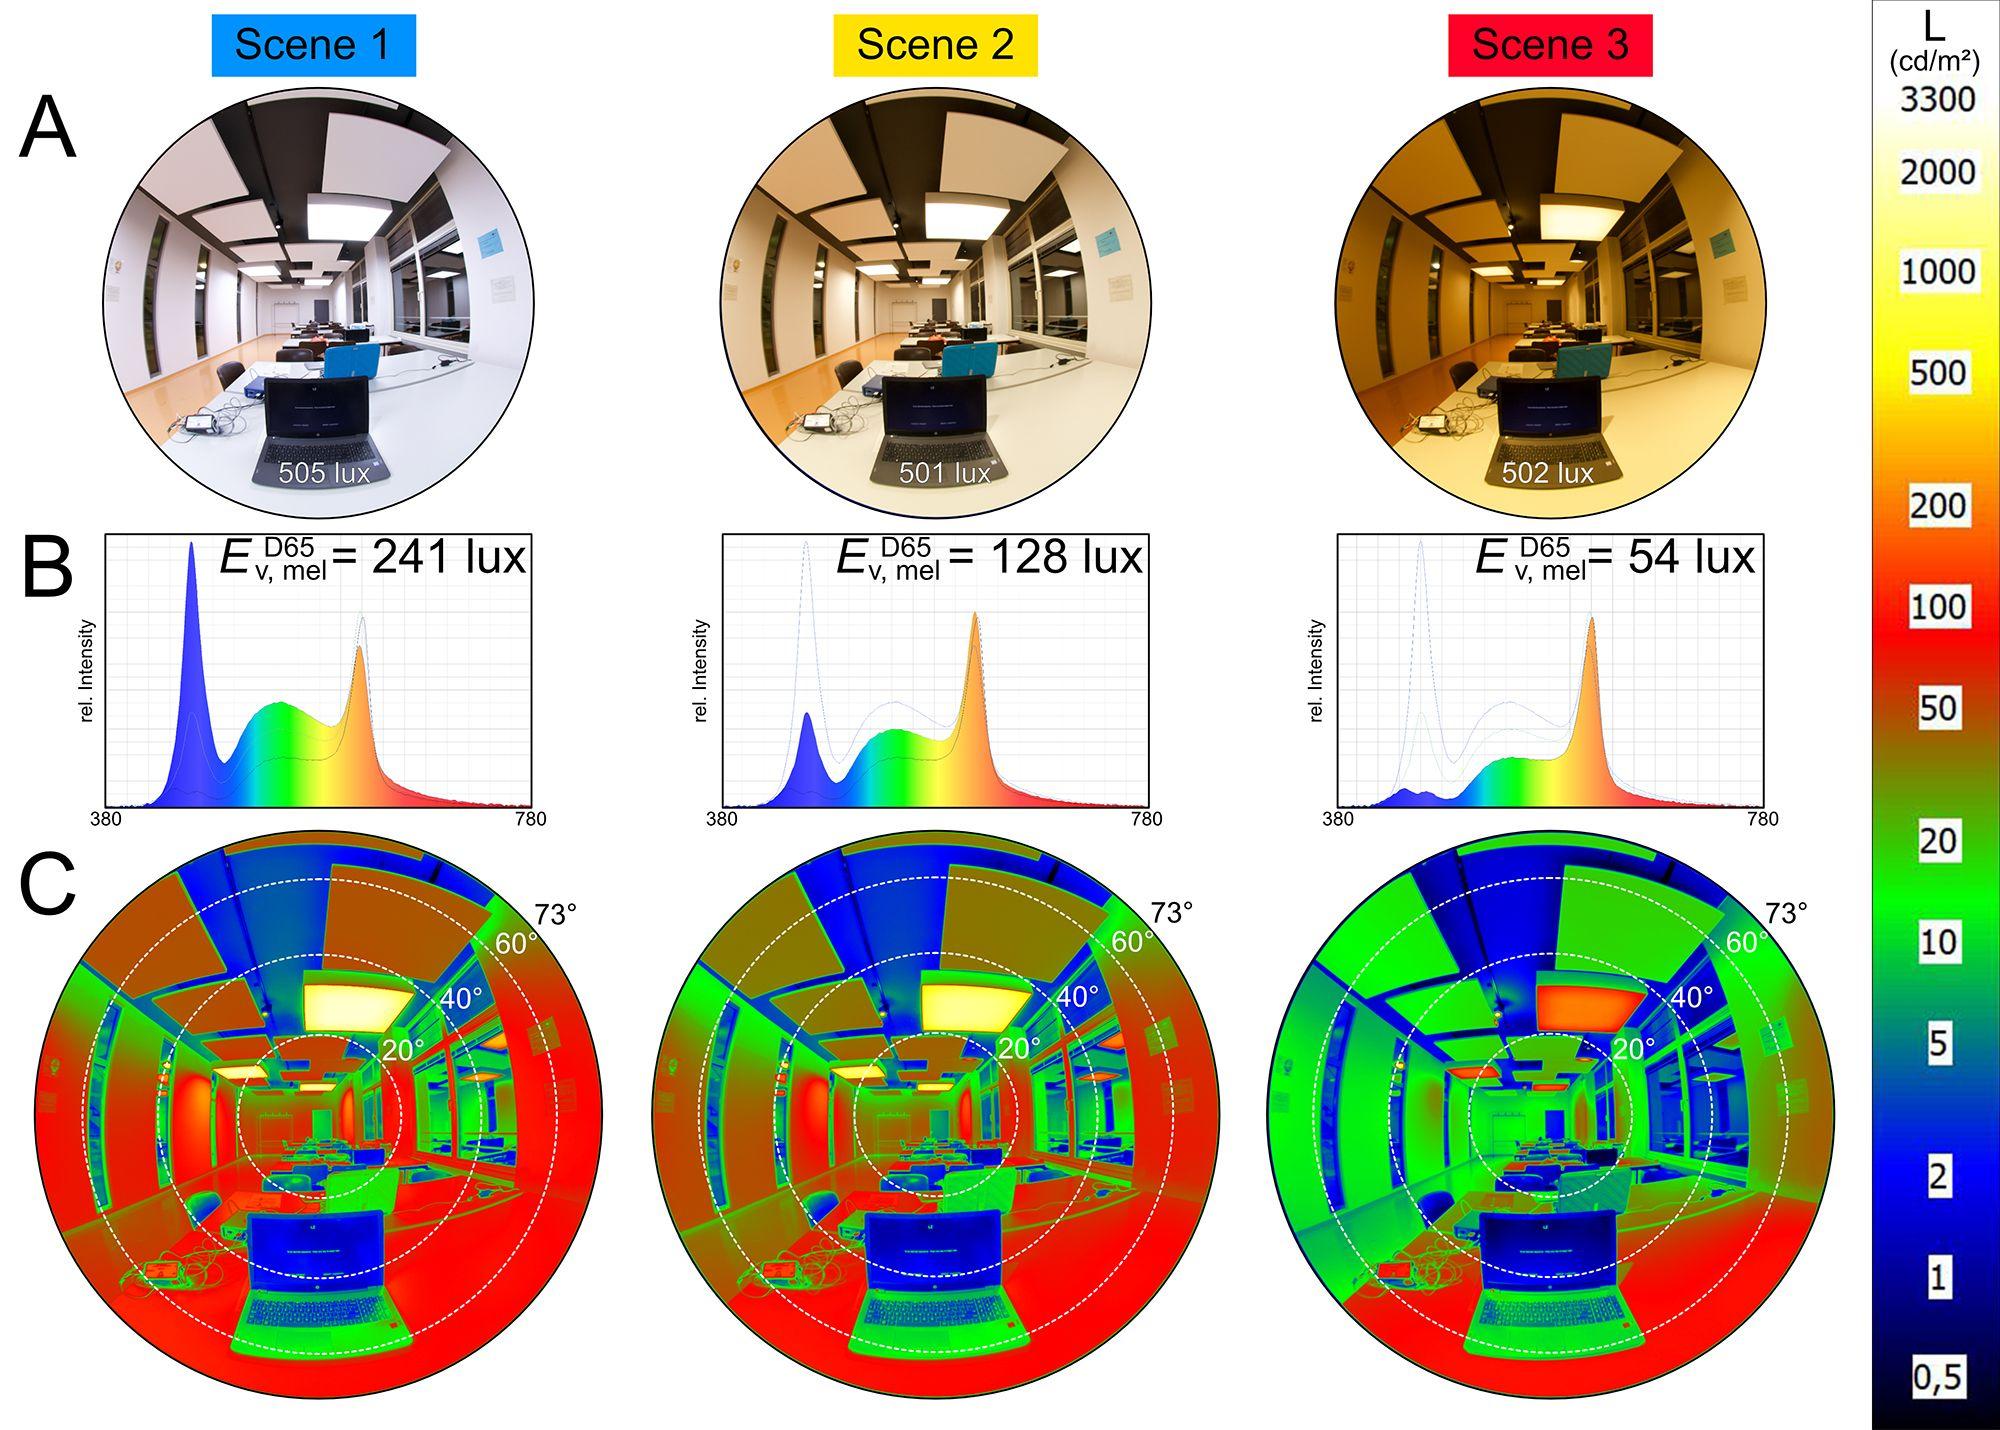 Drei Lichtszenarien aus Sicht des Probanden. Unterschiedliche Lichtspektren und die räumliche Anordnung der Lichtquellen bedingen unterschiedliche Leistungsanstrengung